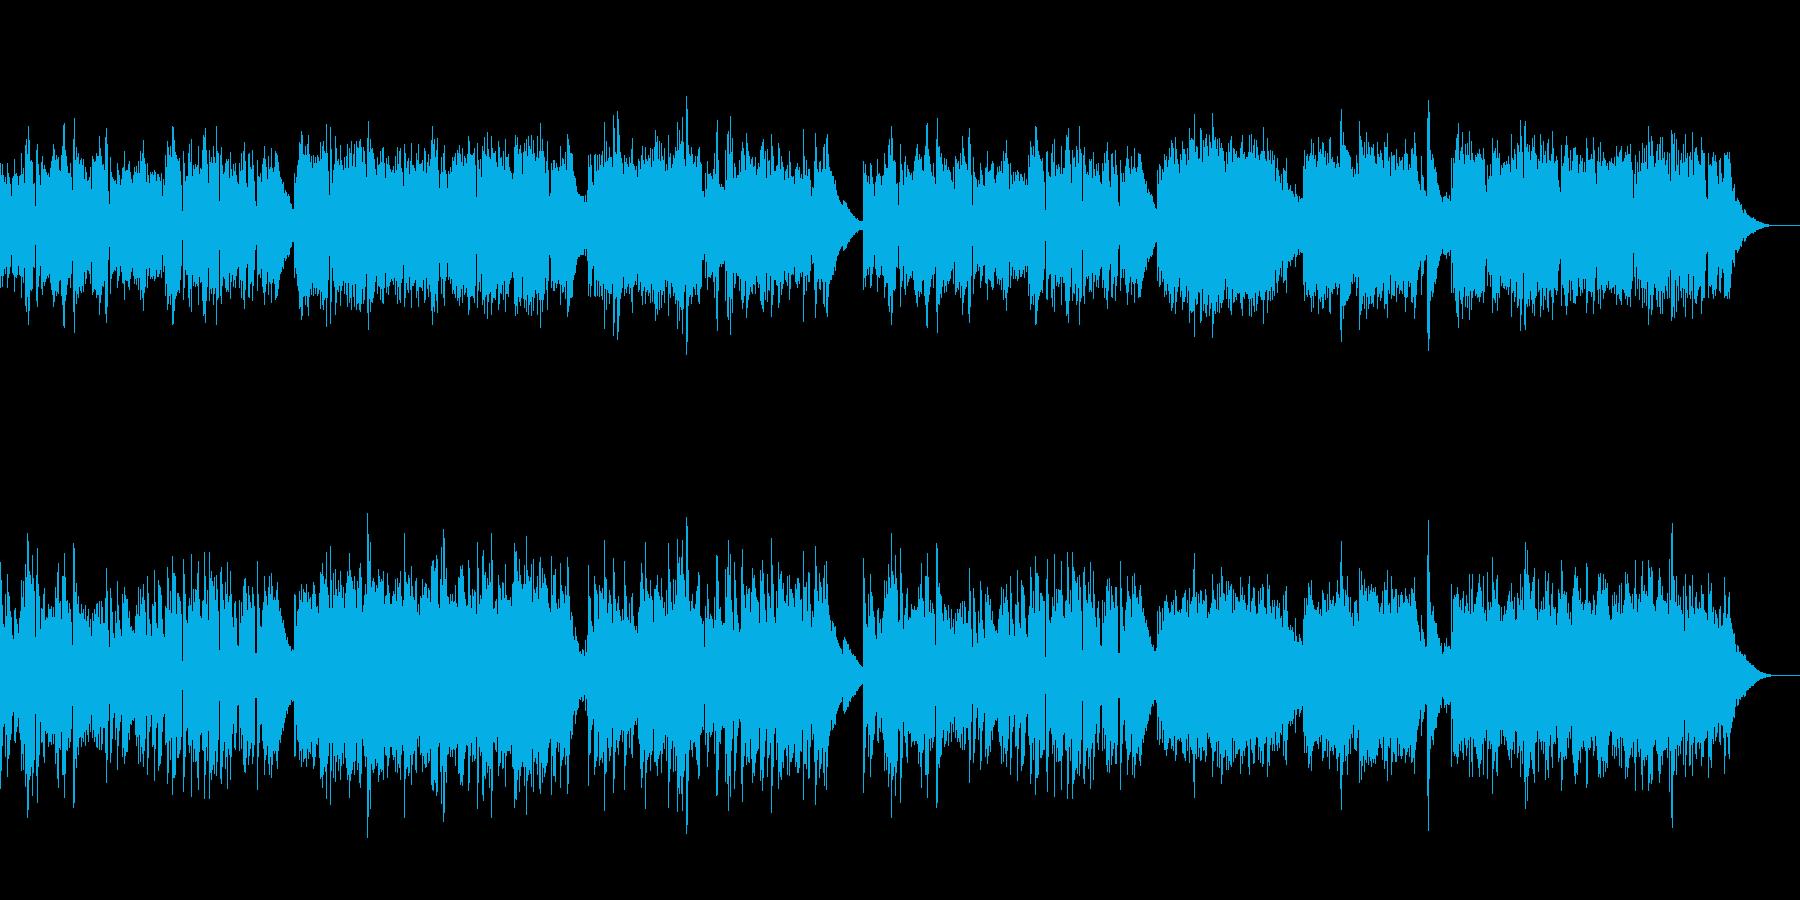 ハモりフレーズが特徴の明るい曲の再生済みの波形